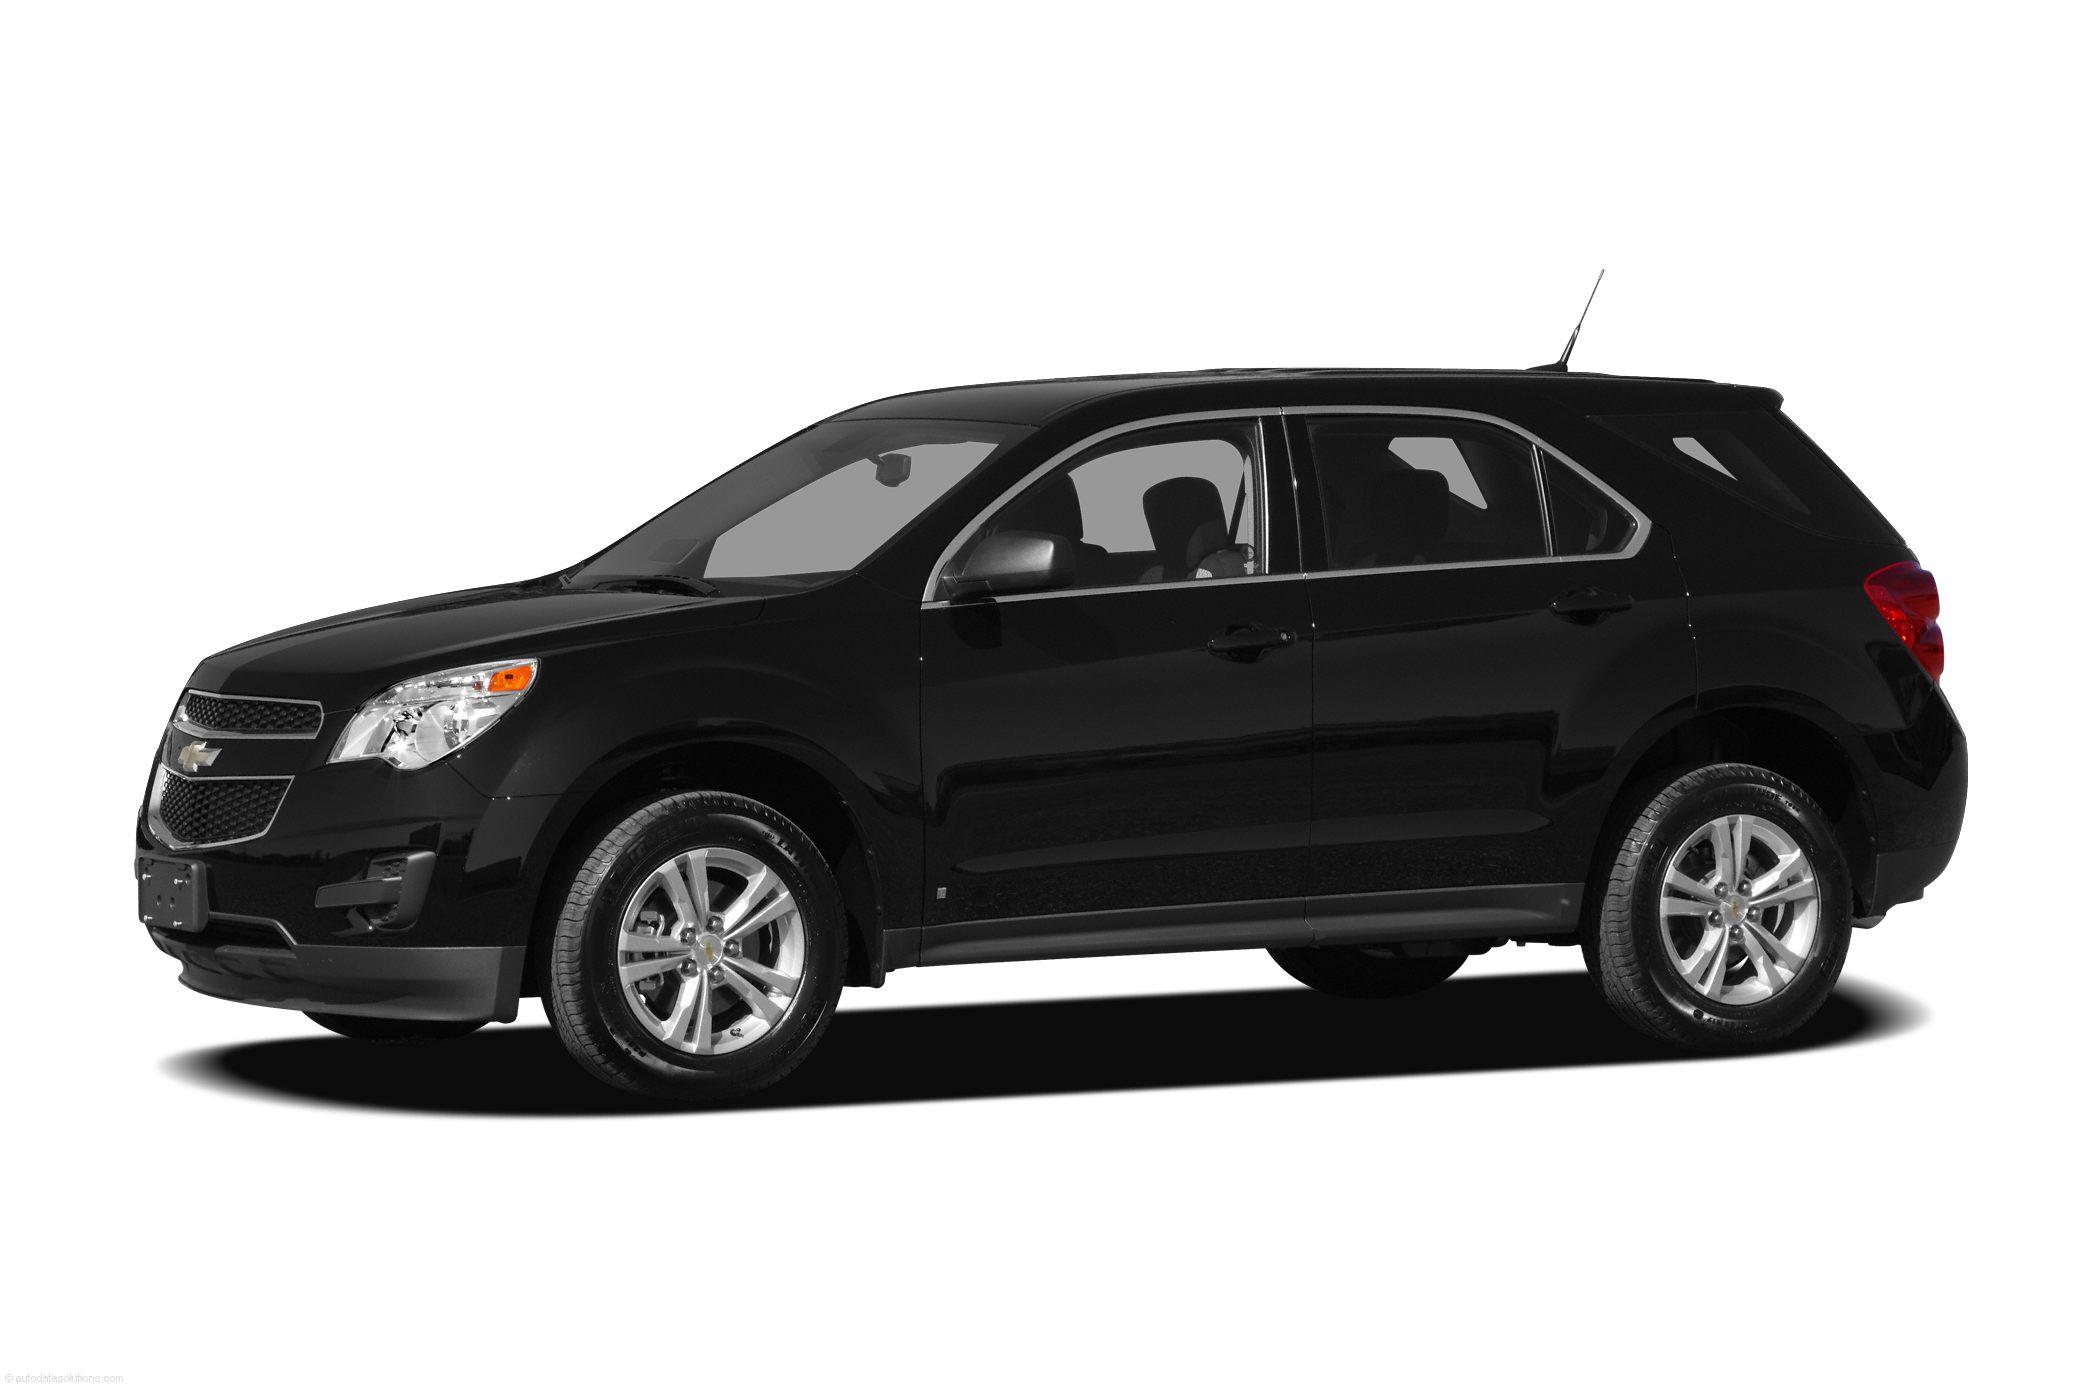 2011 Chevrolet Equinox Image 16